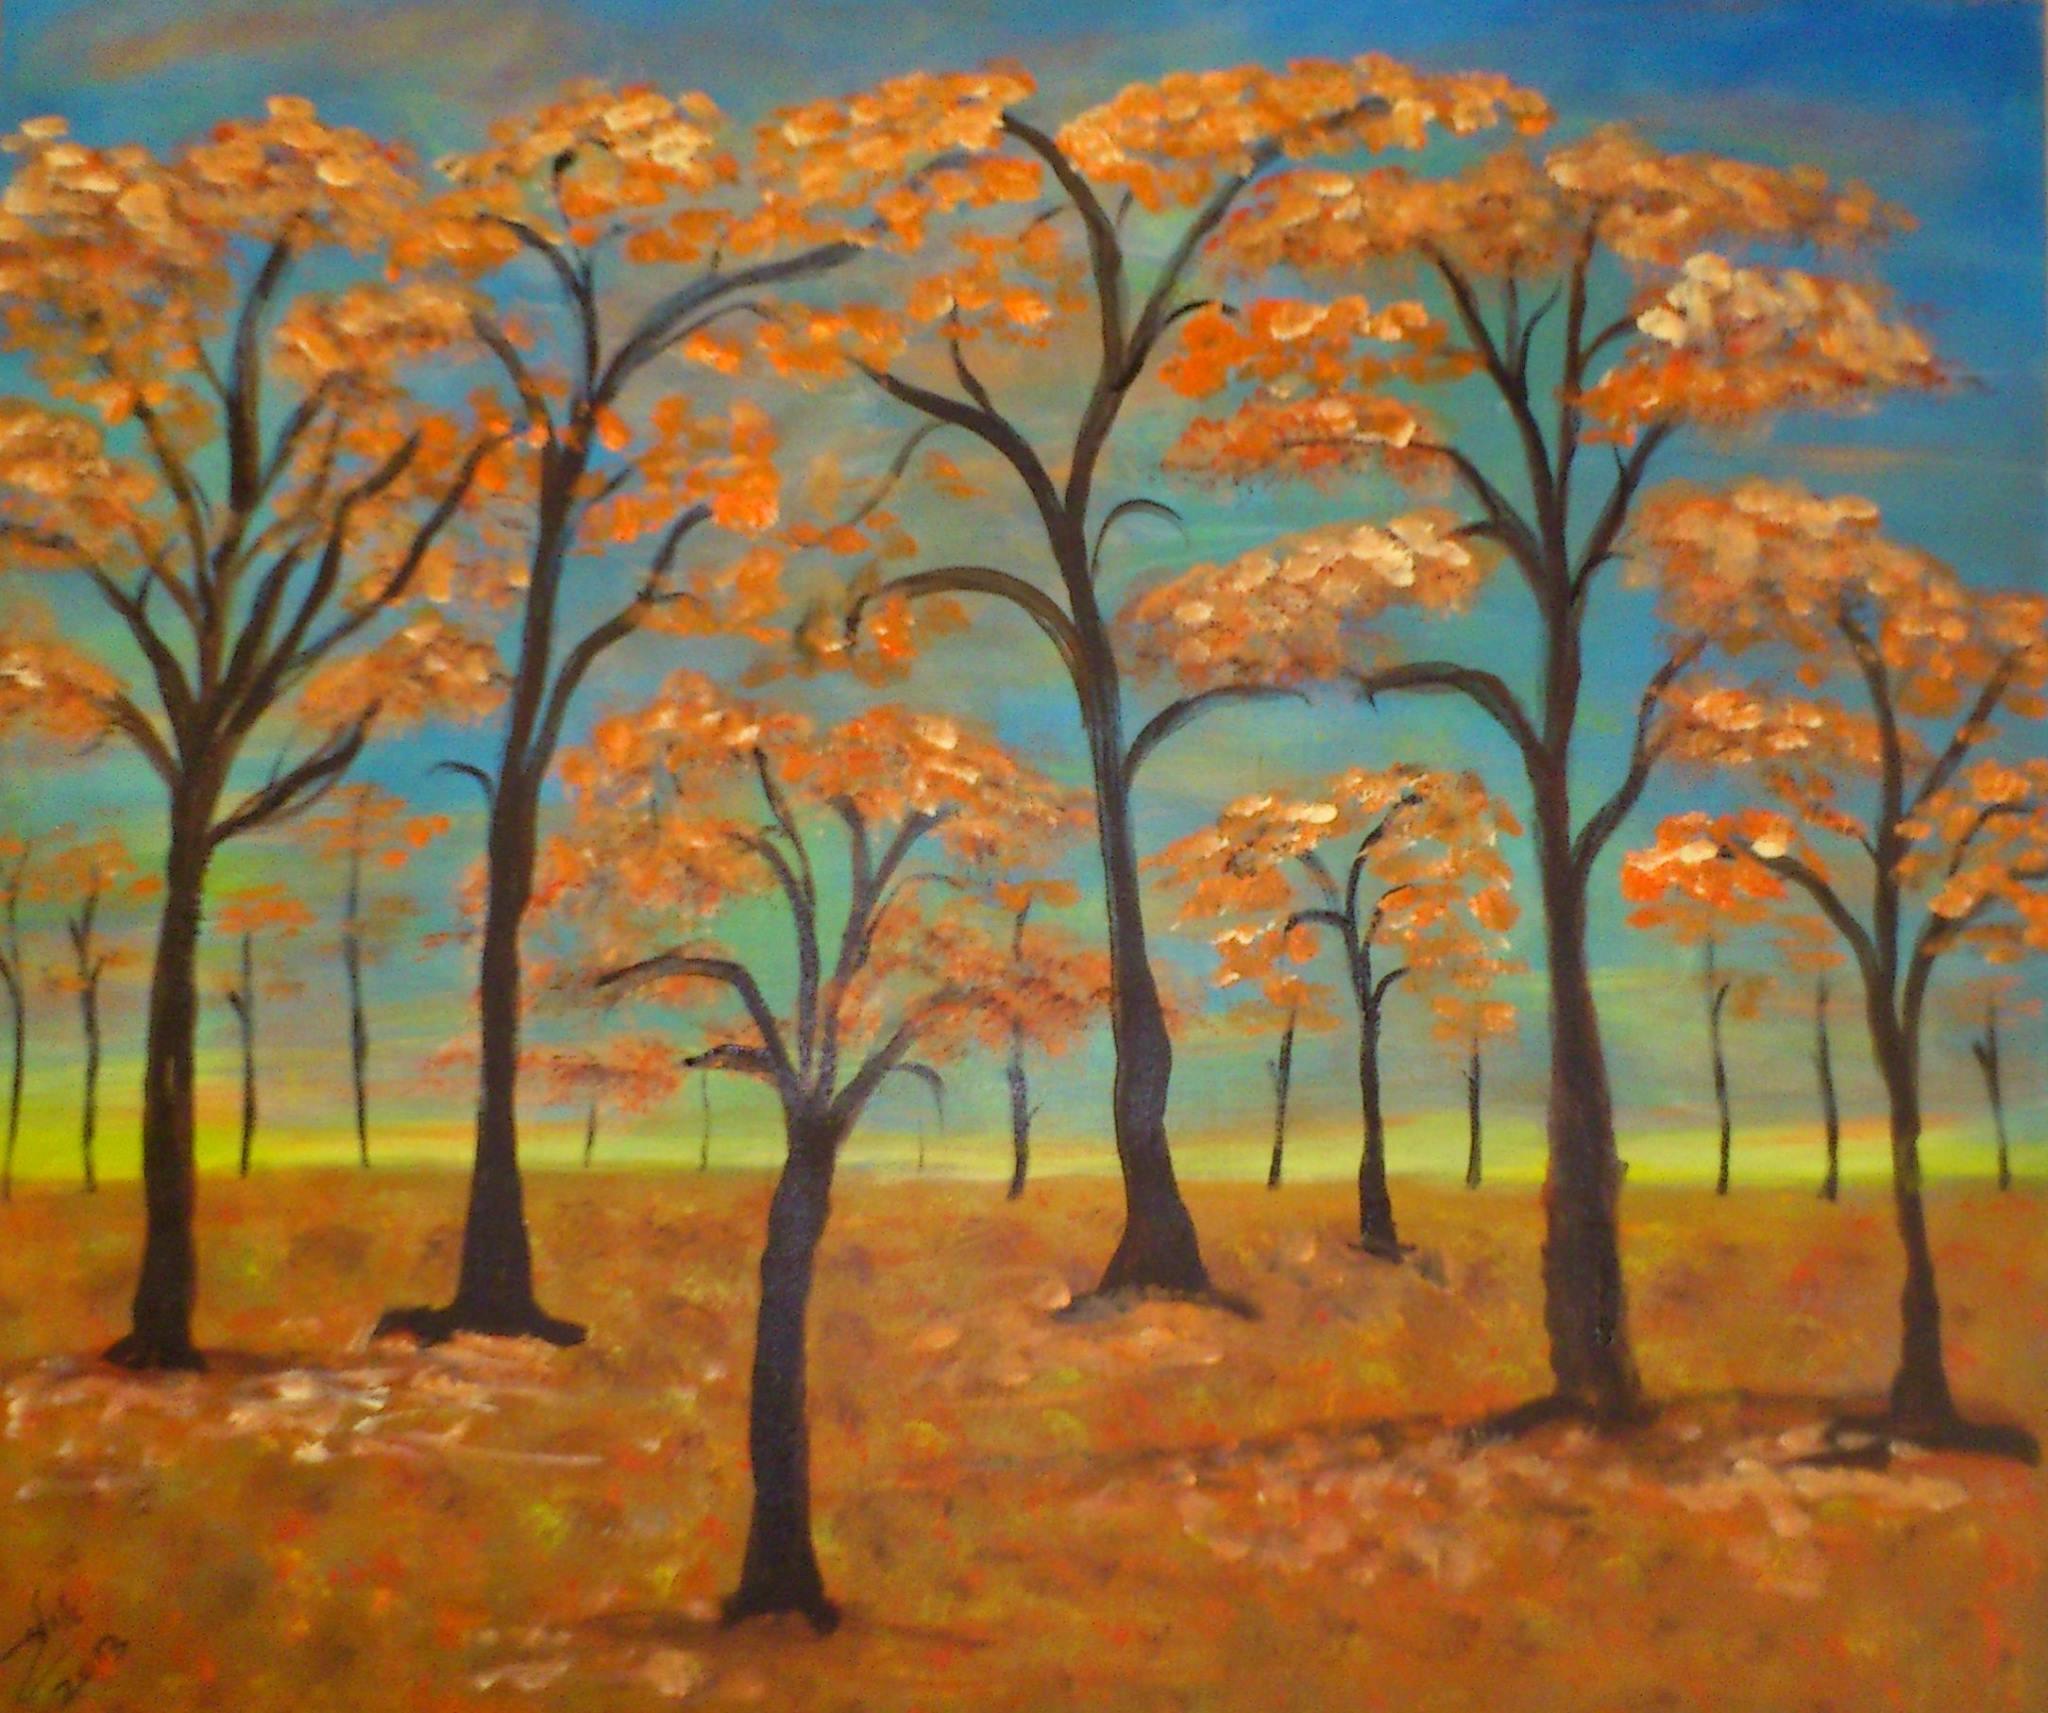 שִׁירַת הָעֵצִים by judy.shiran  - Illustrated by אילנה גיל - Ourboox.com